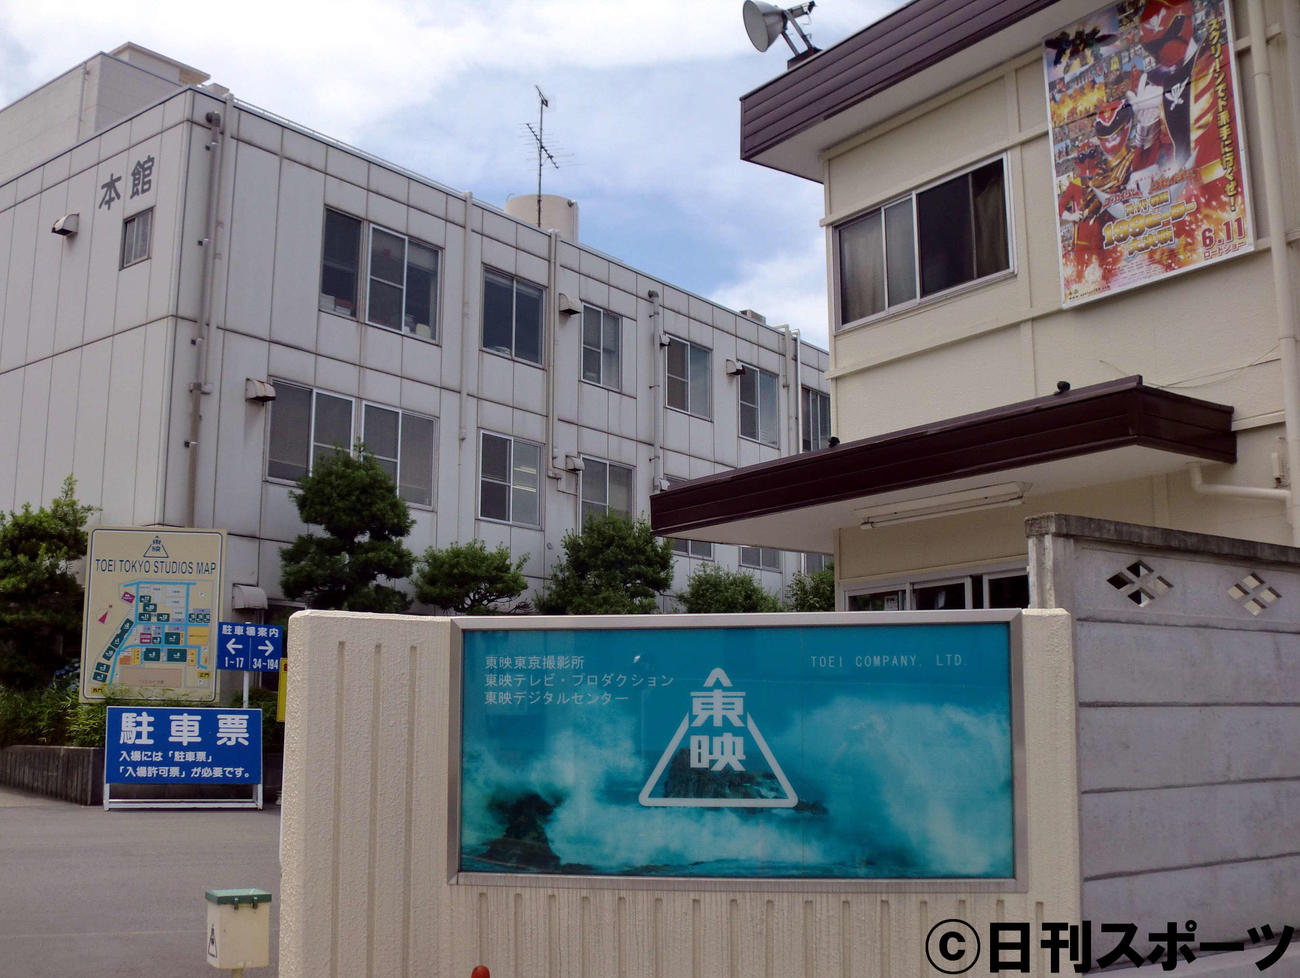 練馬区の東映東京撮影所の全景